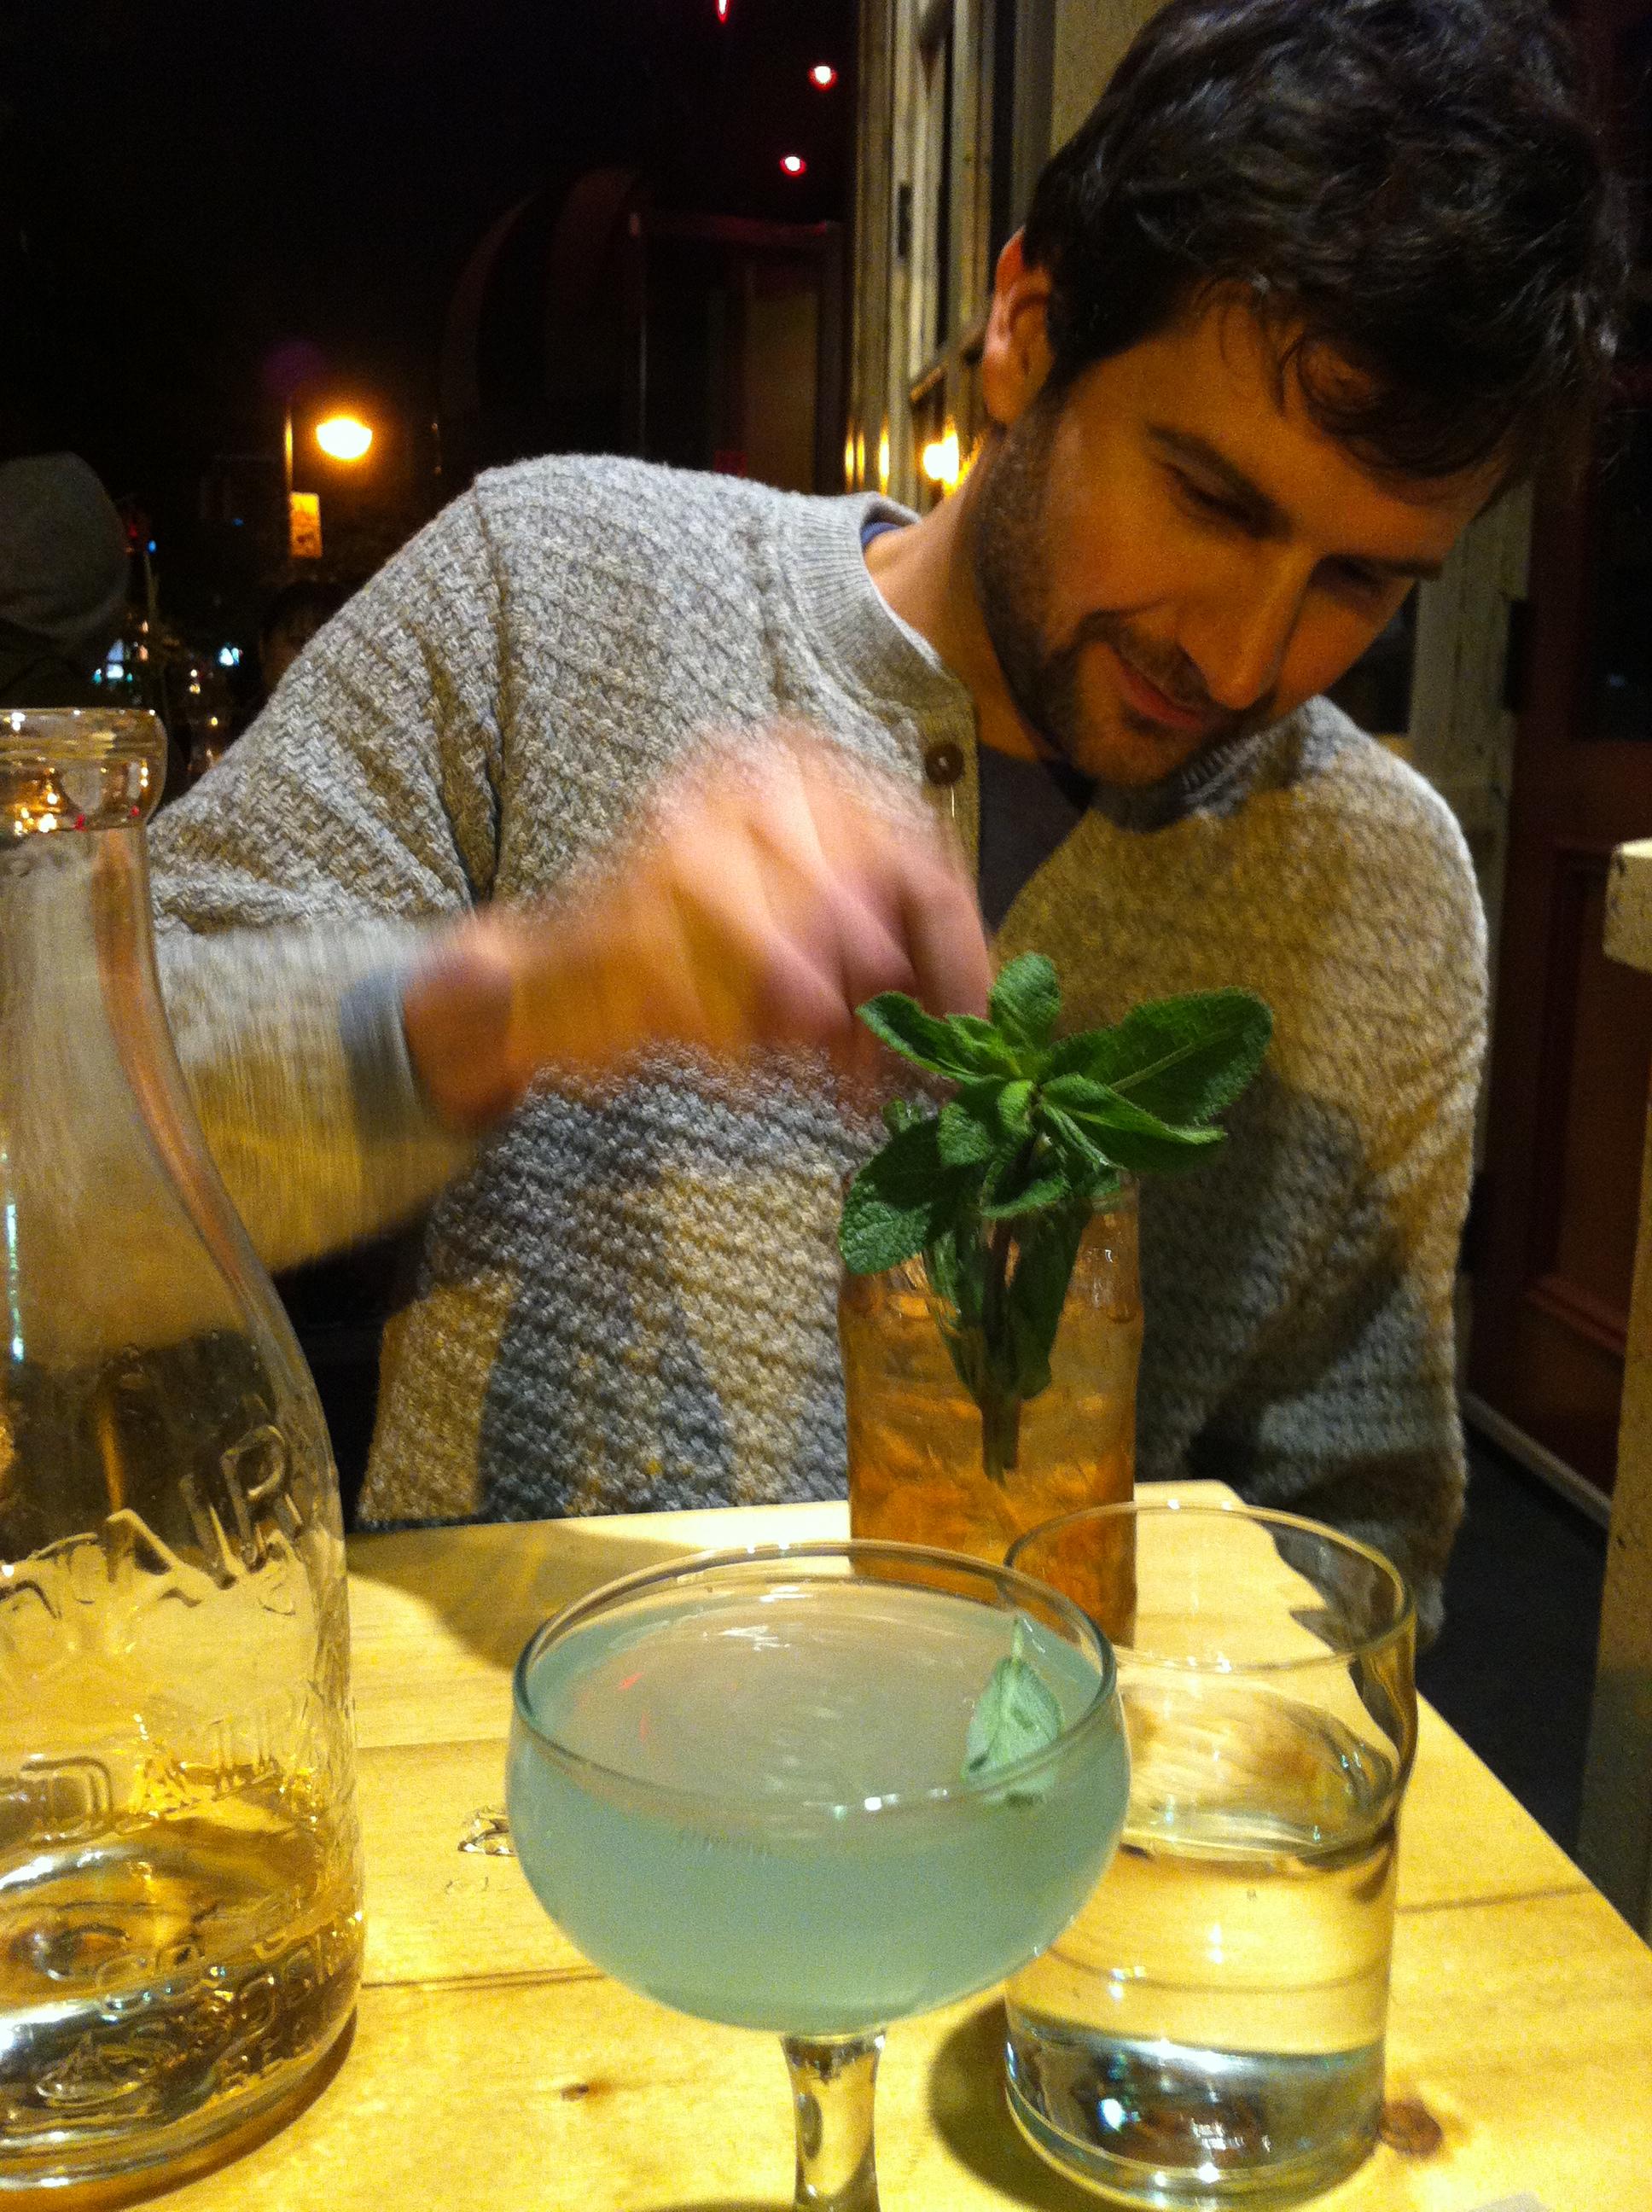 Nom Wah Tu Cocktail Feast Meets West Phillip Szabados